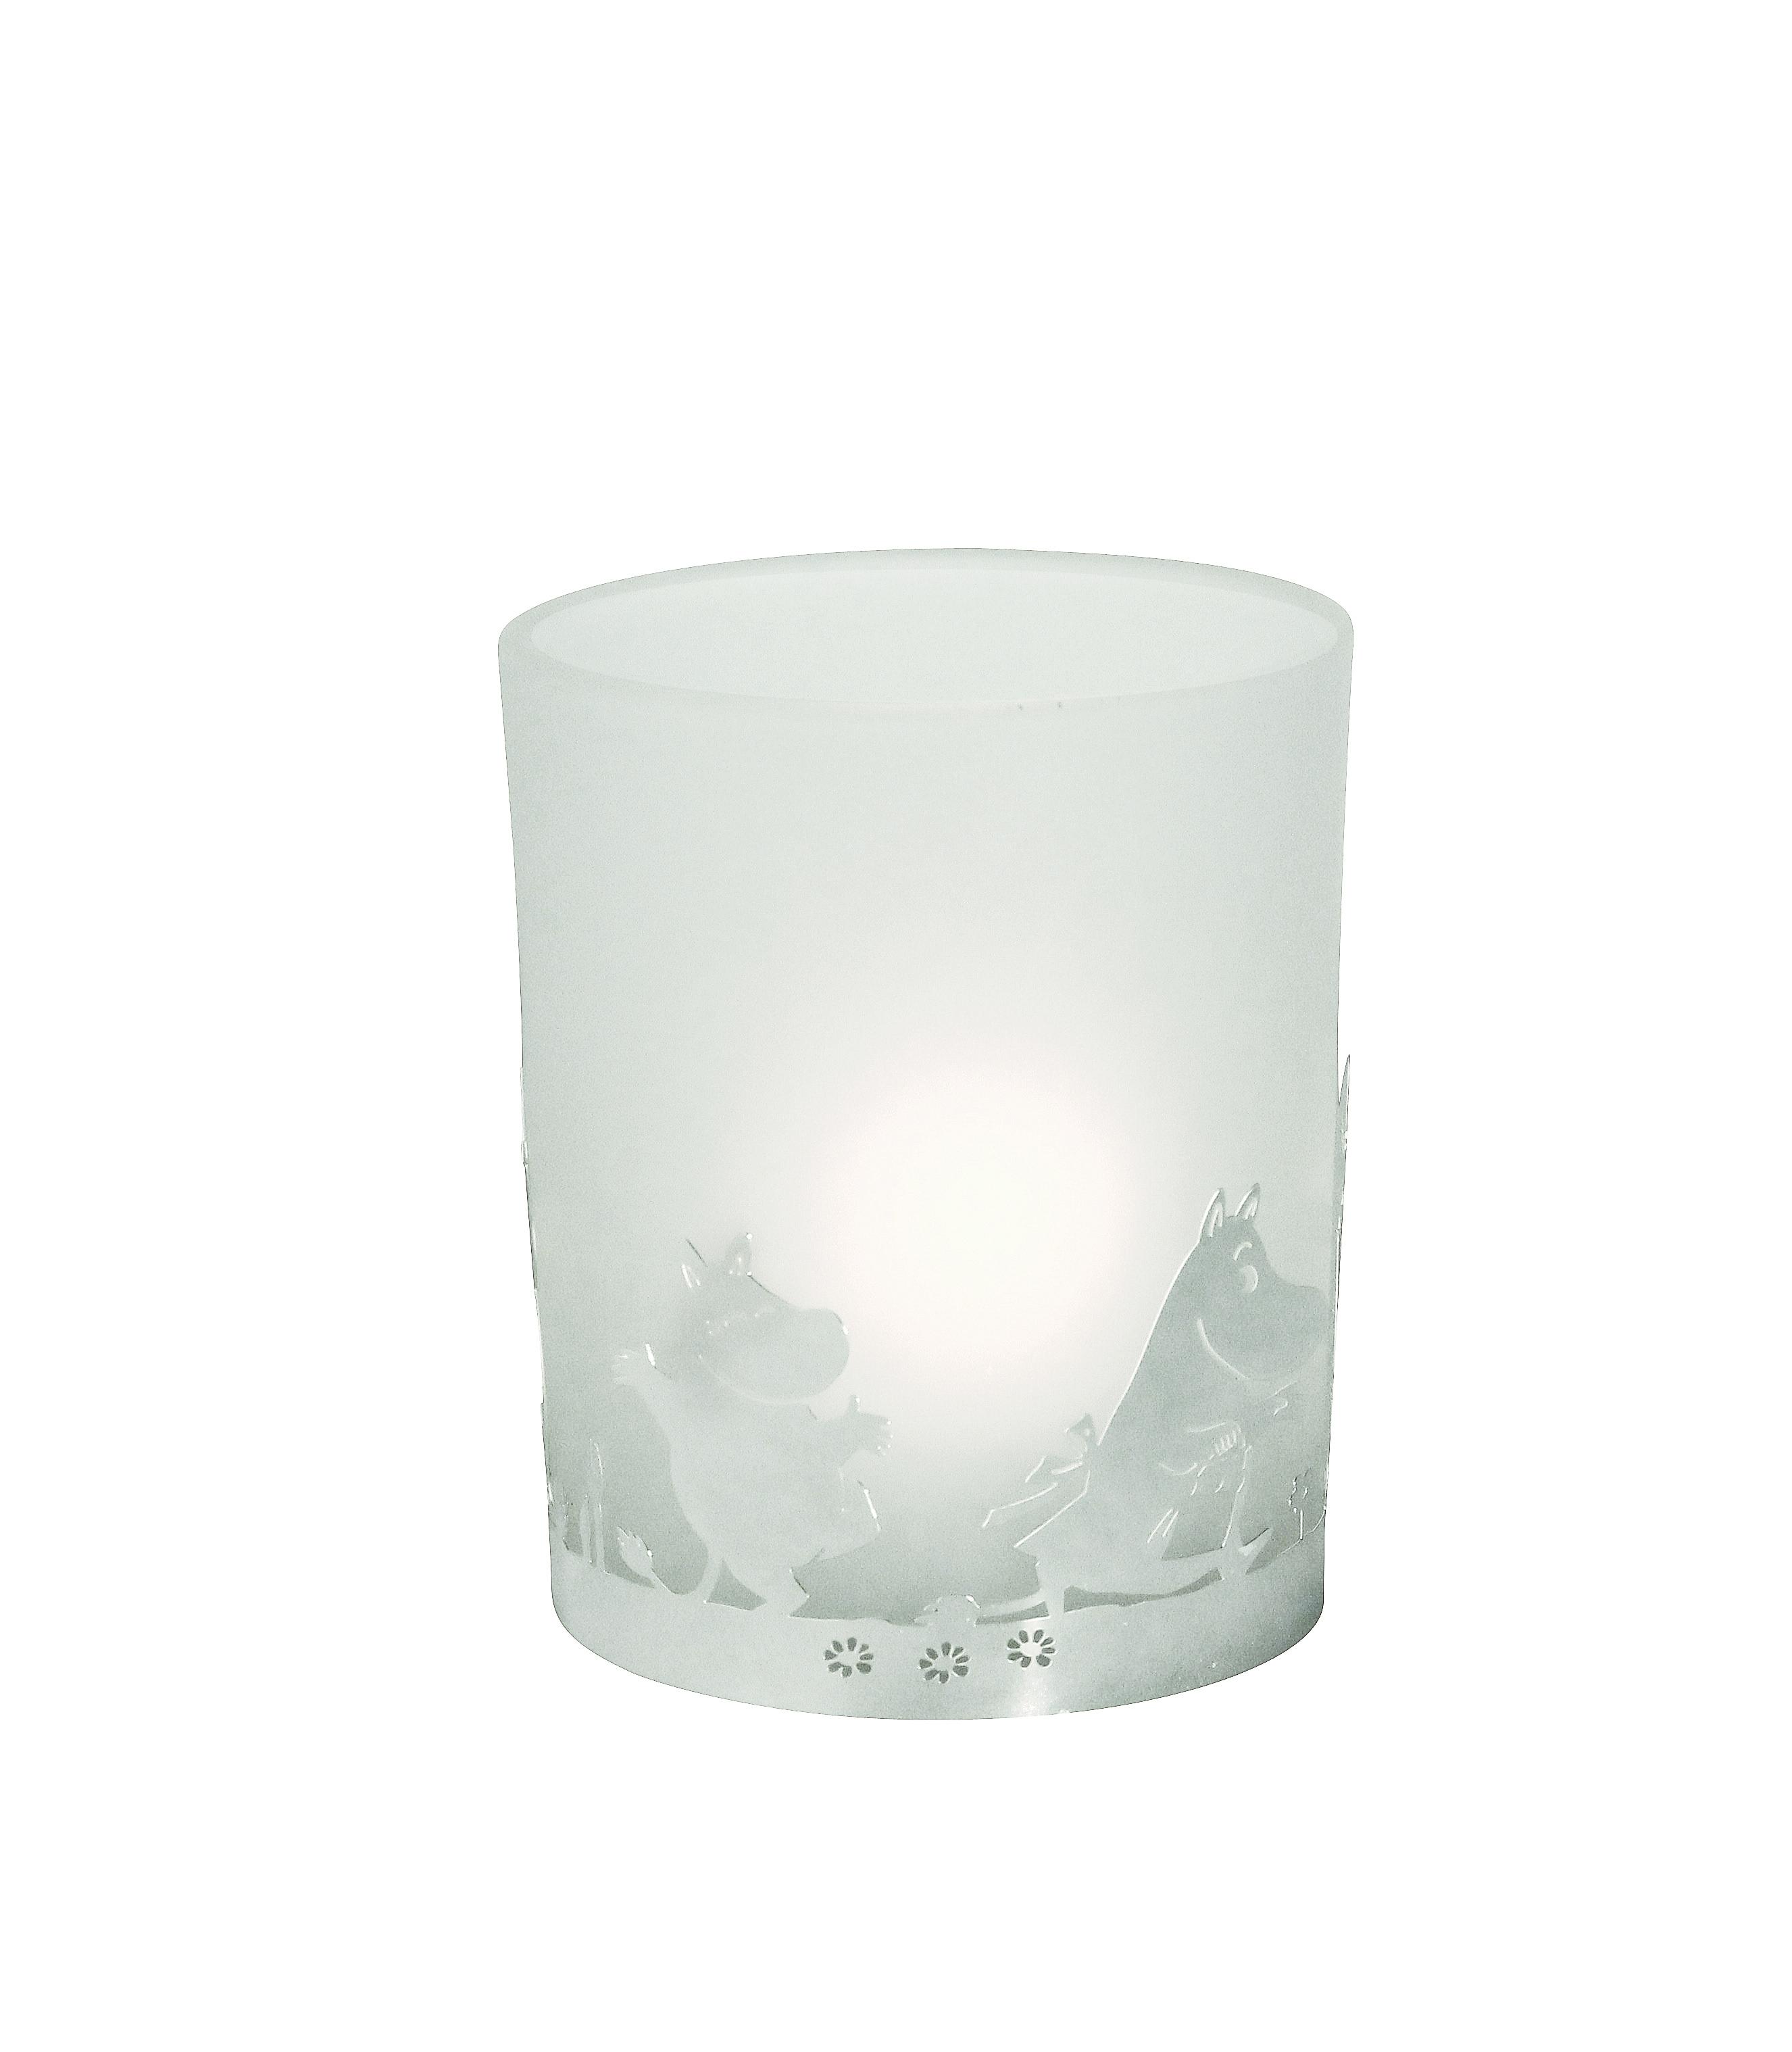 Pluto Tea Light Holder Glass